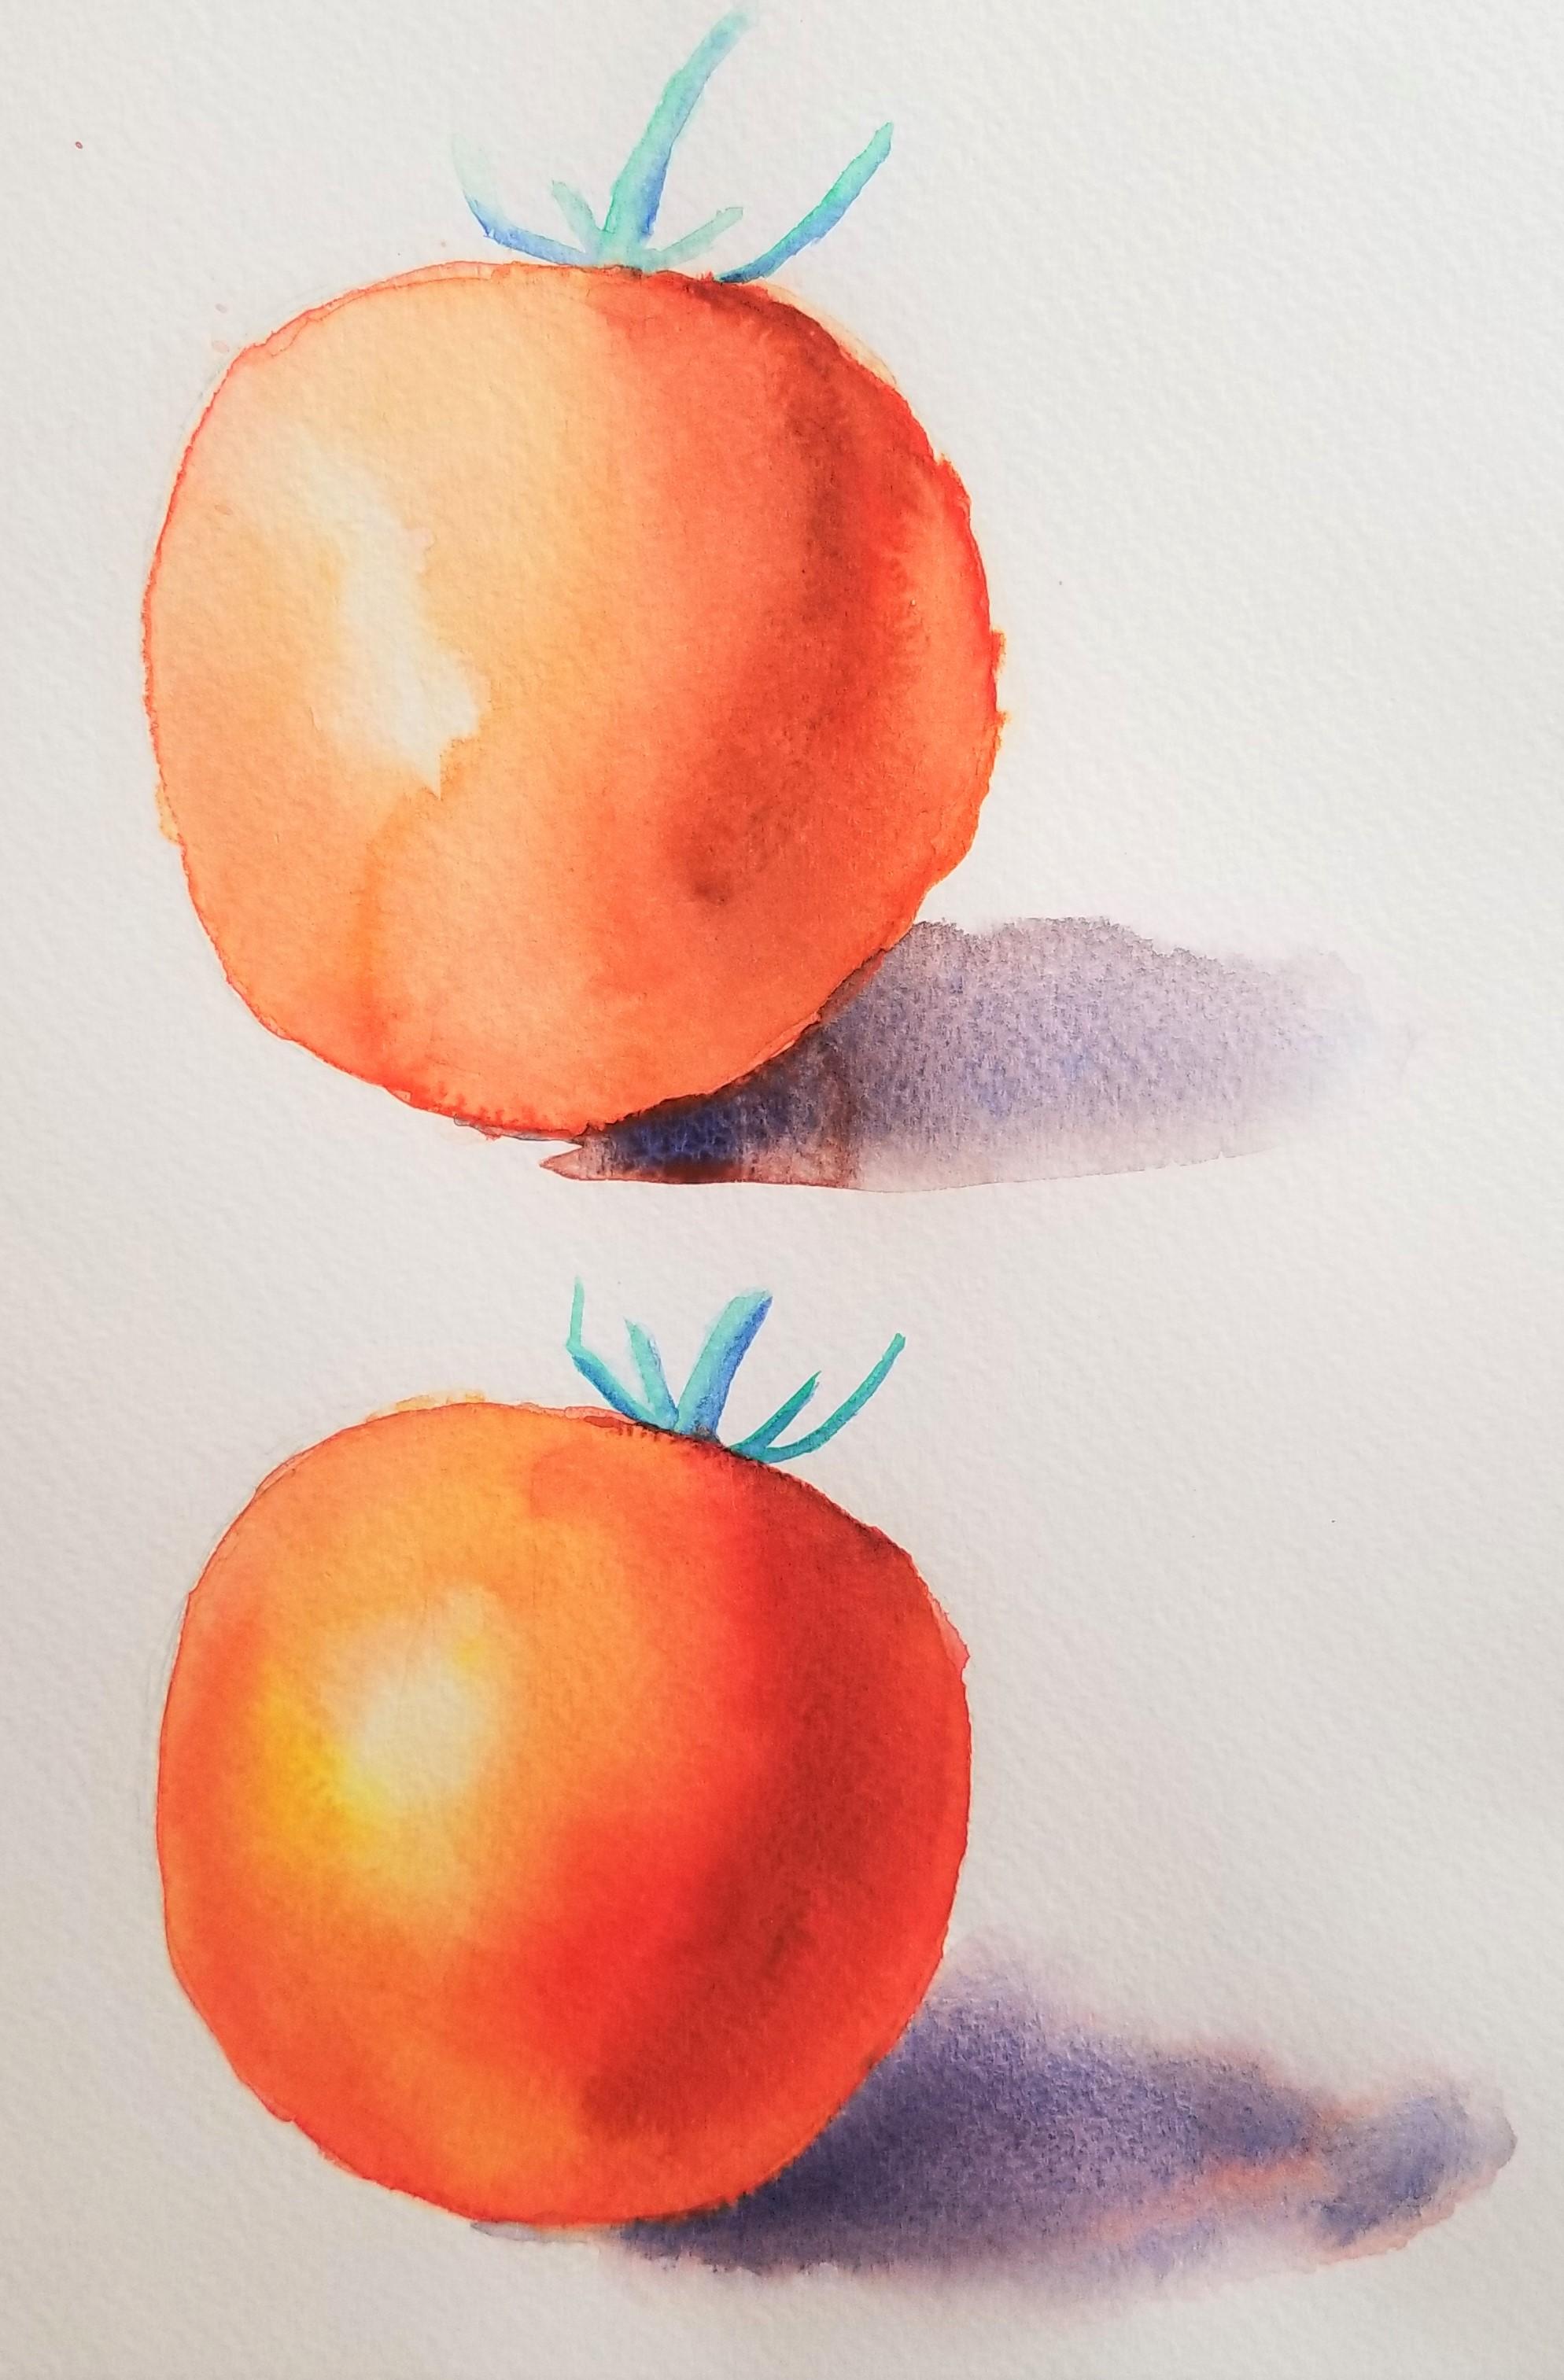 Tomato Comparison.jpg